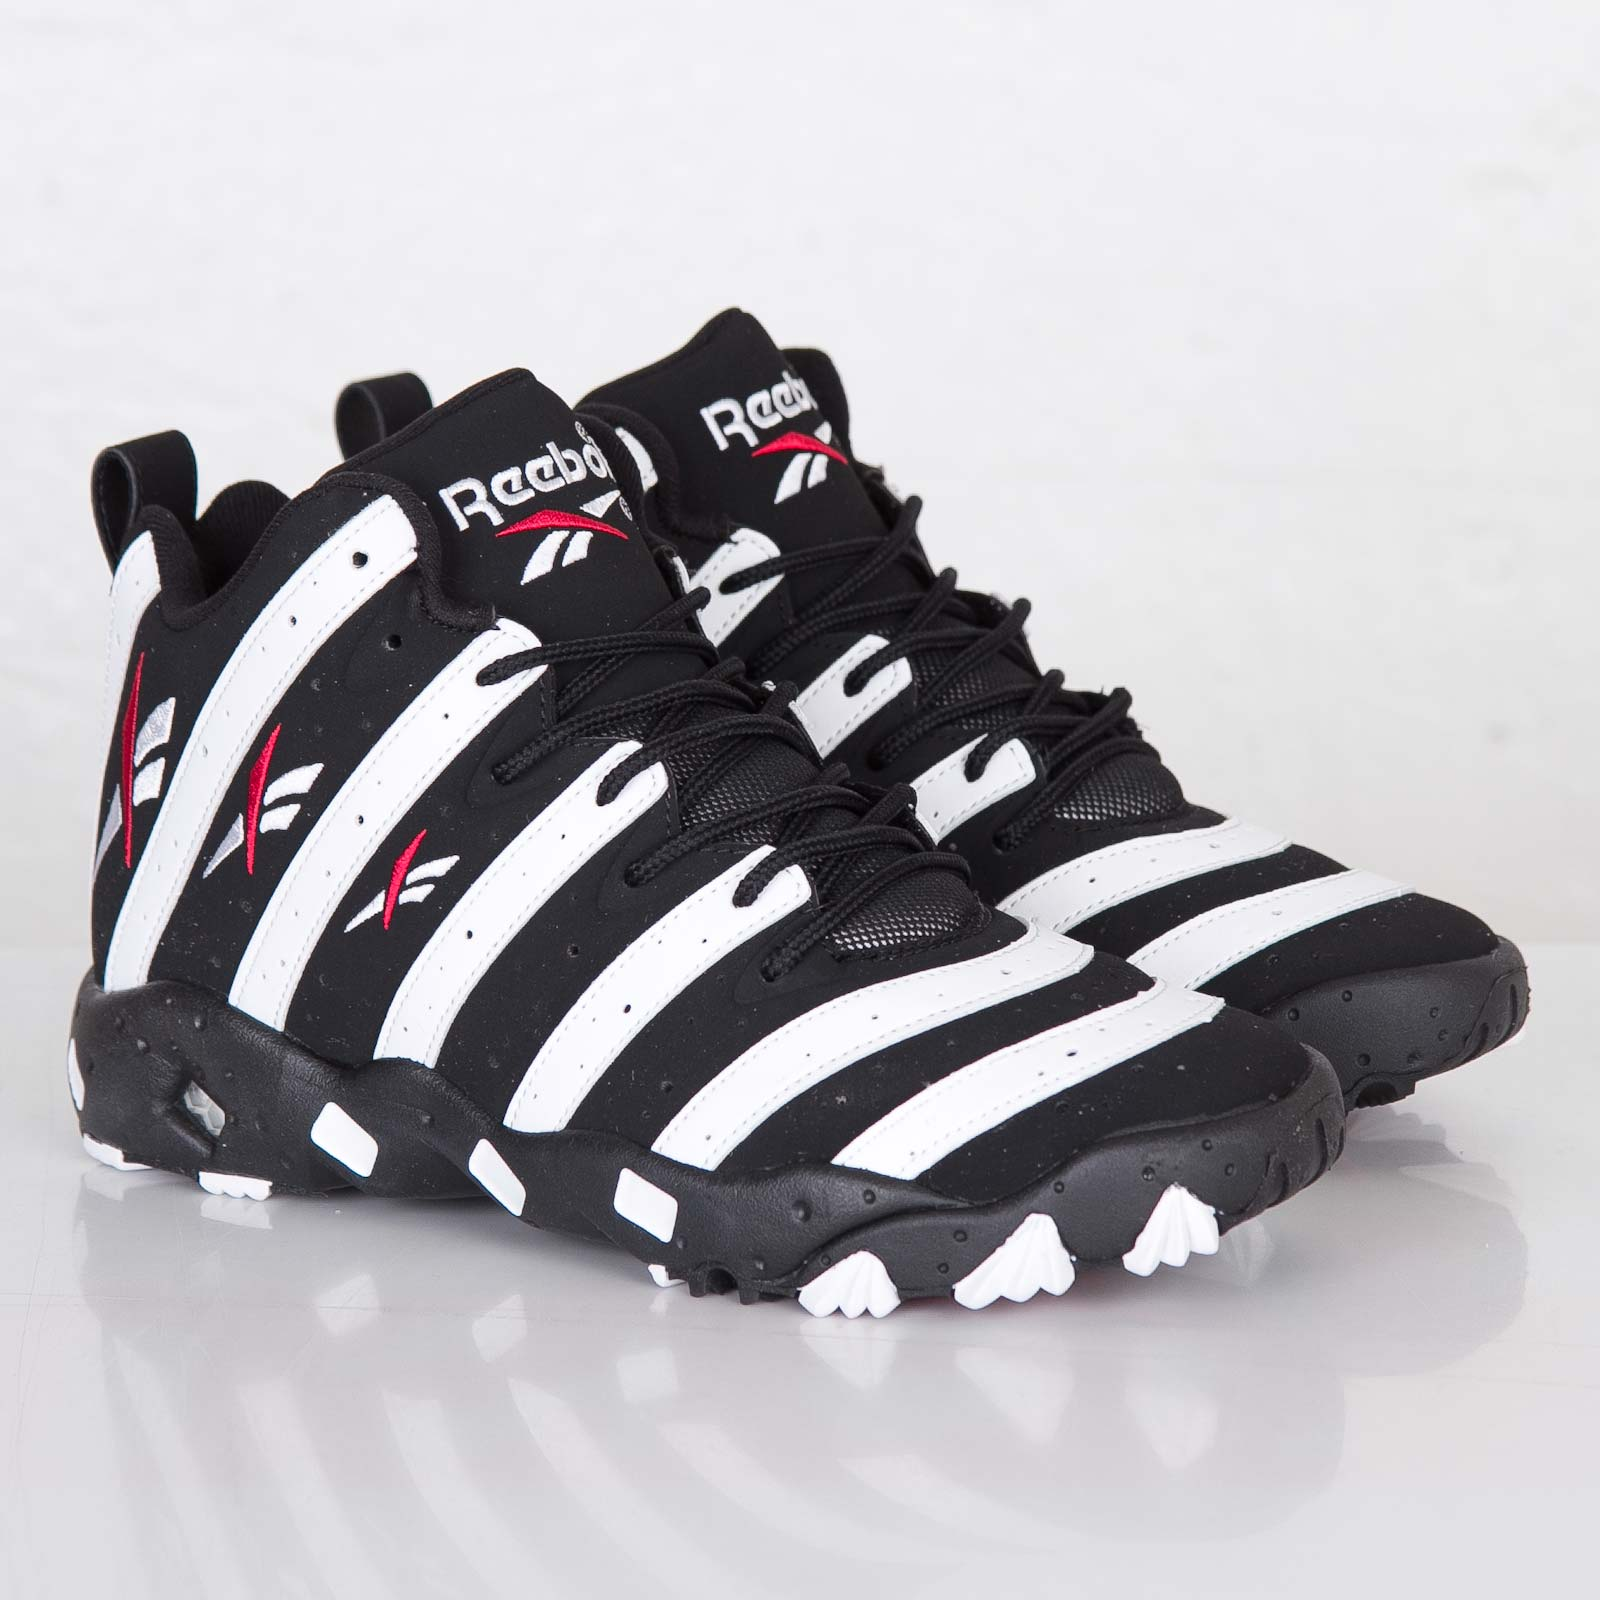 6a008cc000348d Reebok Big Hurt - V55133 - Sneakersnstuff